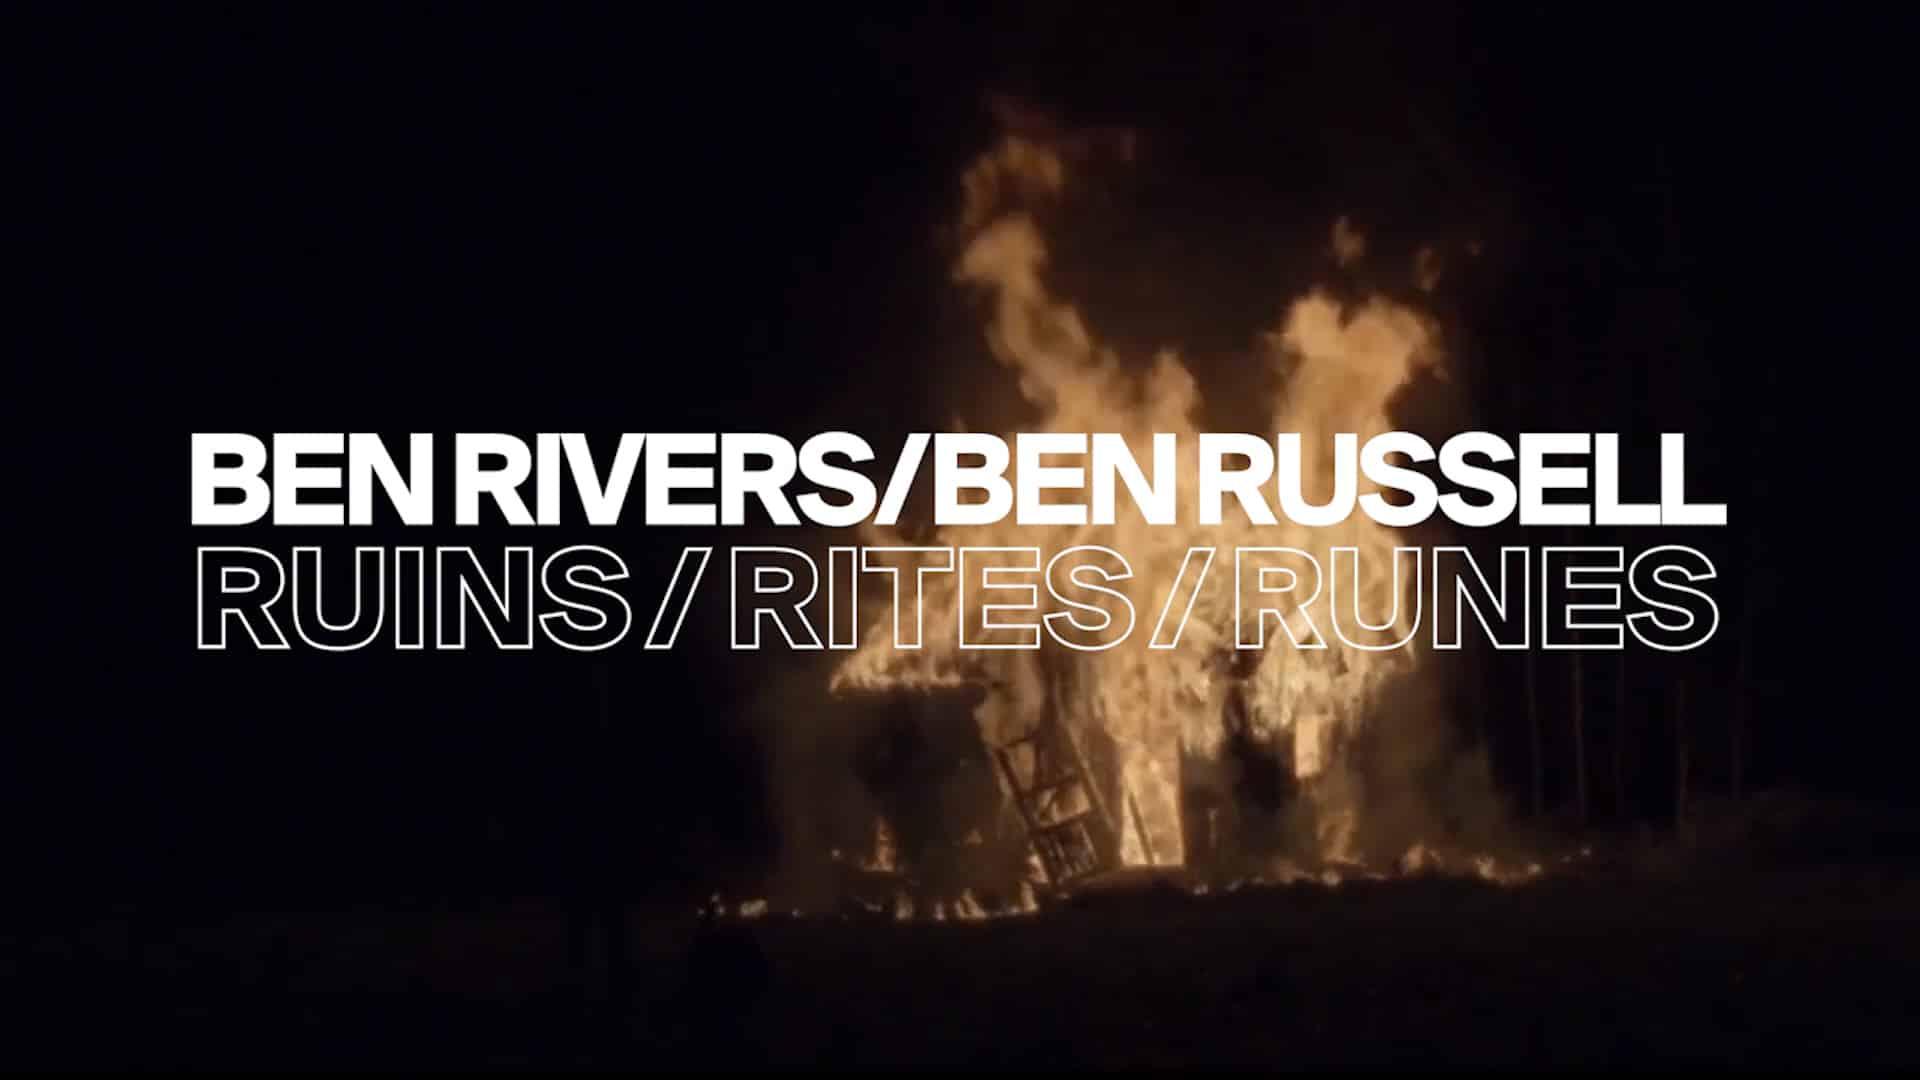 Ben Rivers / Ben Russell